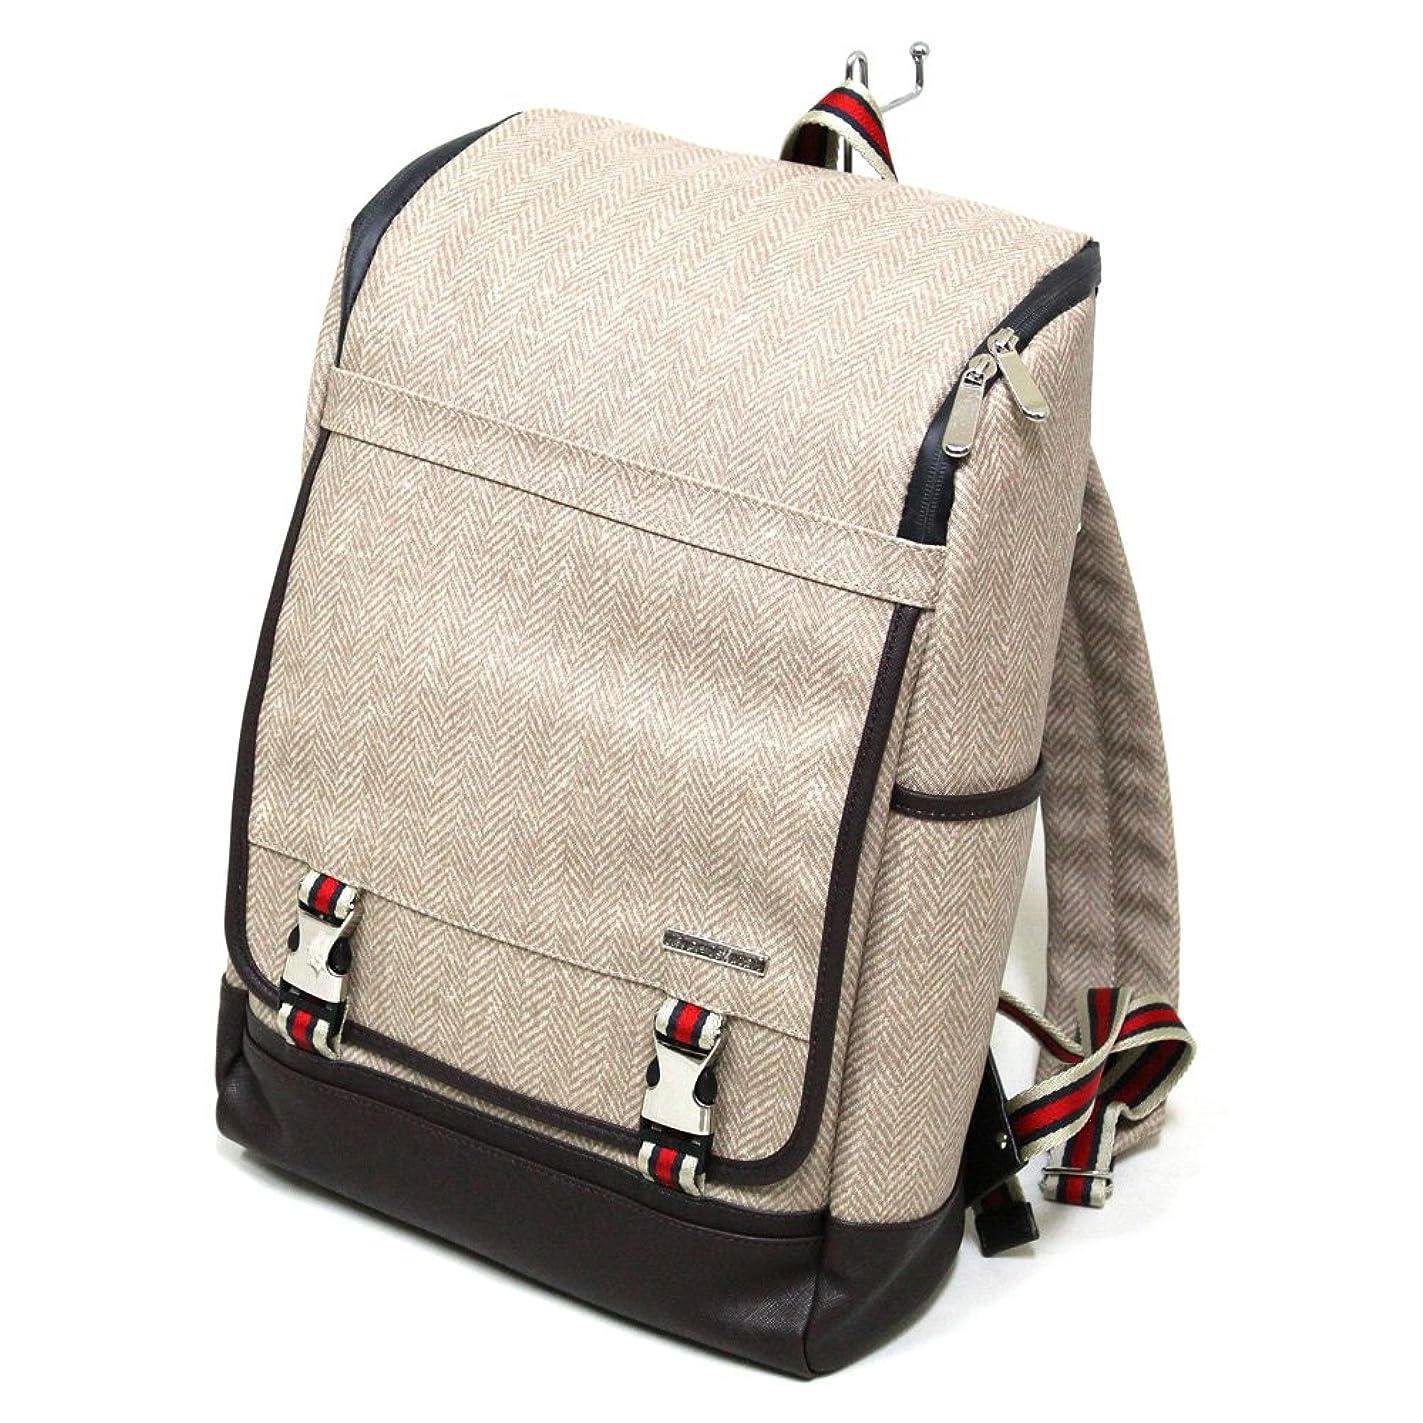 クールゆるくエッセンス十川鞄 B.C.+ISHUTAL ビーシーイシュタル ガリン スクエア バックパック リュックサック ベージュ IGN-13507-BG